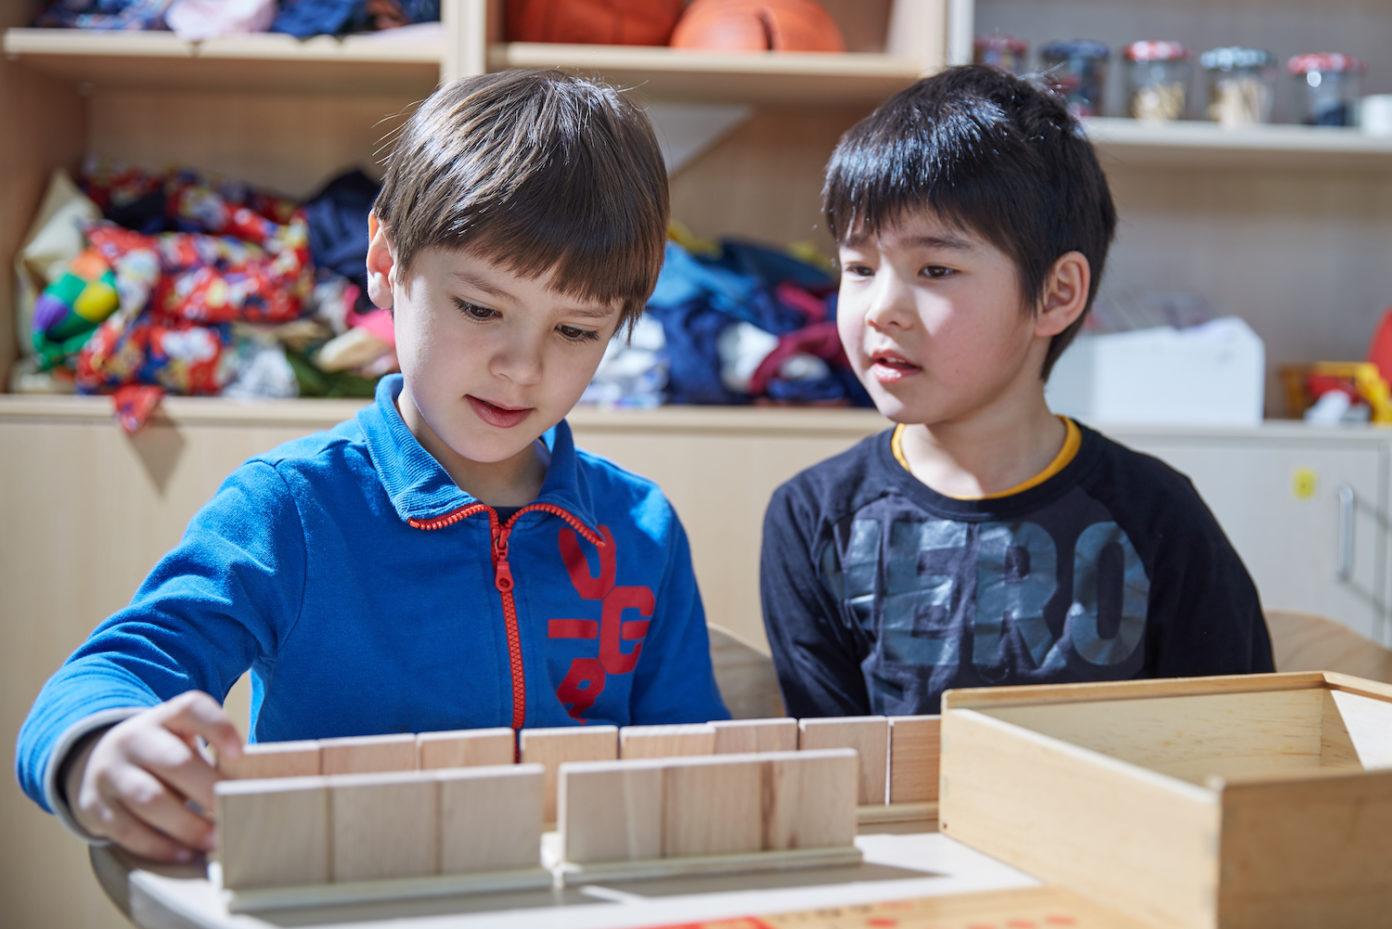 Zwei Jungs beschäftigen sich im Spielzimmer gemeinsam mit einer Kiste.